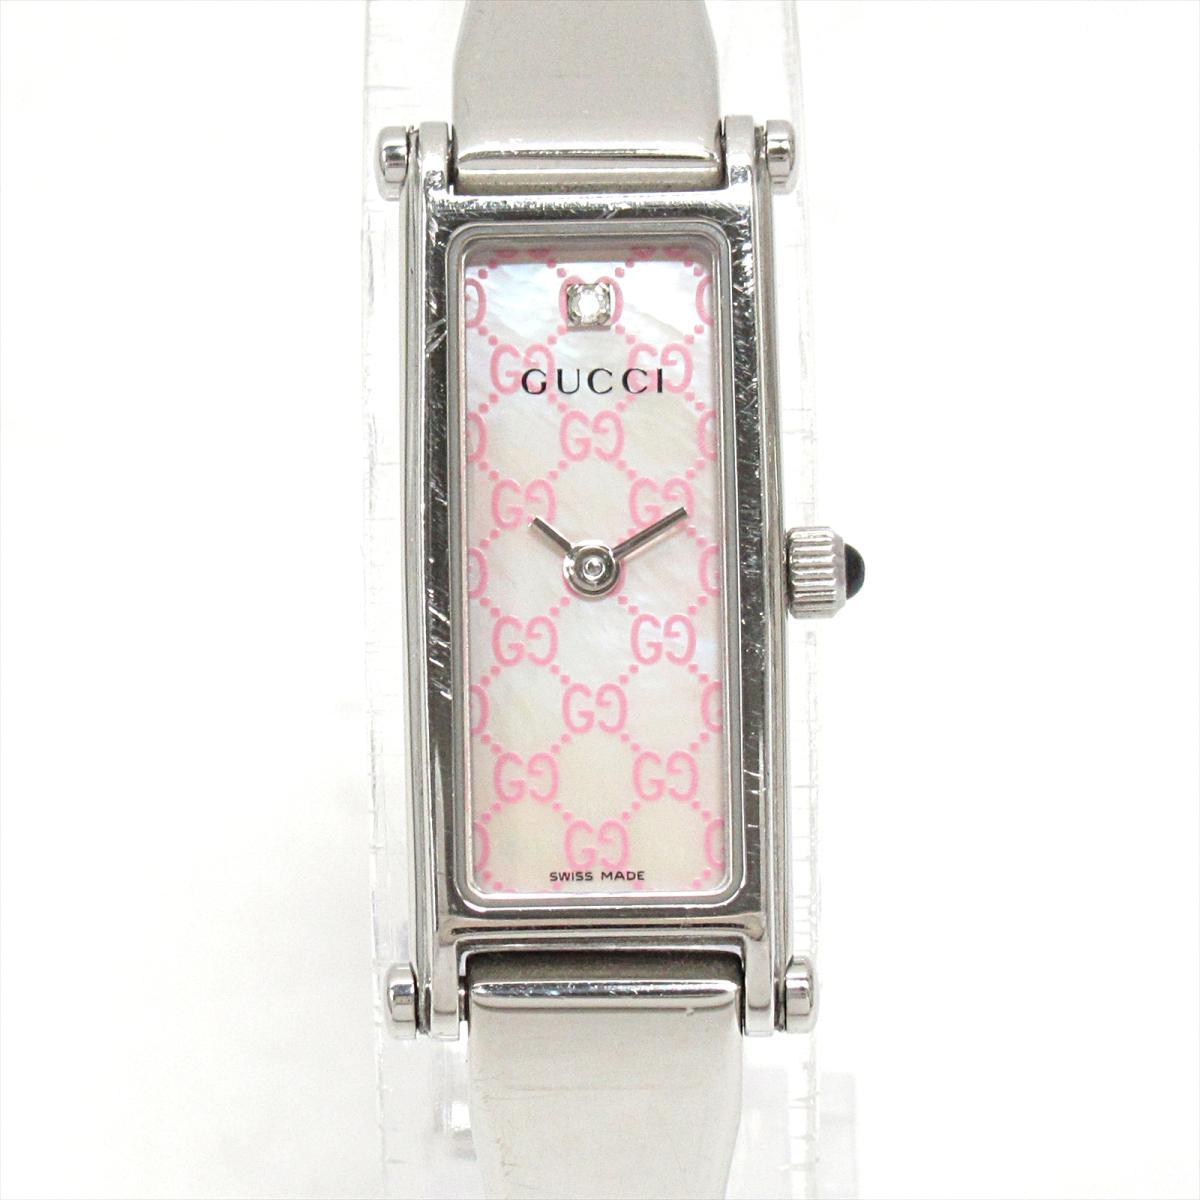 【中古】 グッチ 腕時計 ウォッチ レディース ステンレススチール (SS) x ダイヤモンド (1P) (1500L)   GUCCI クオーツ クォーツ 時計 ブランドオフ